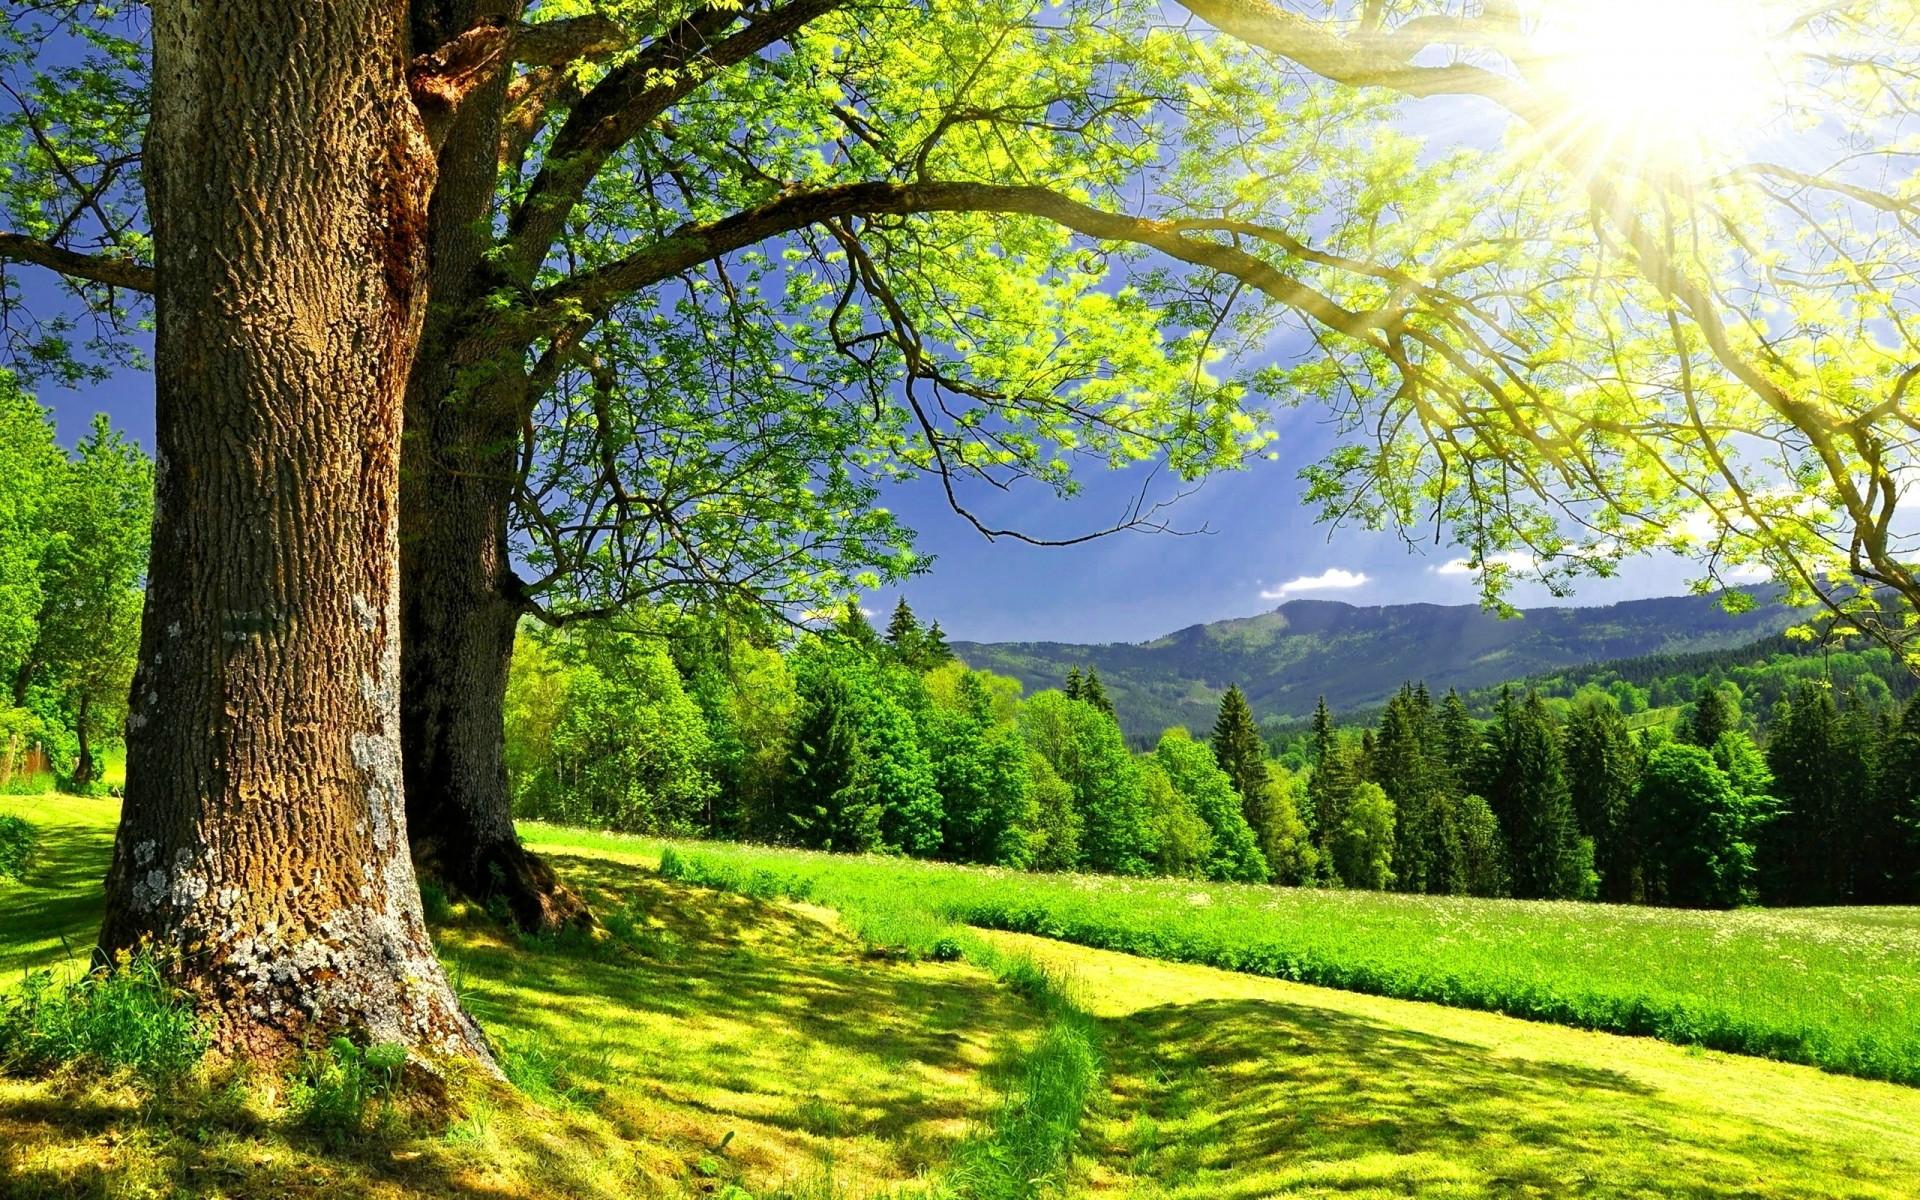 清新的自然美景电脑壁纸图片